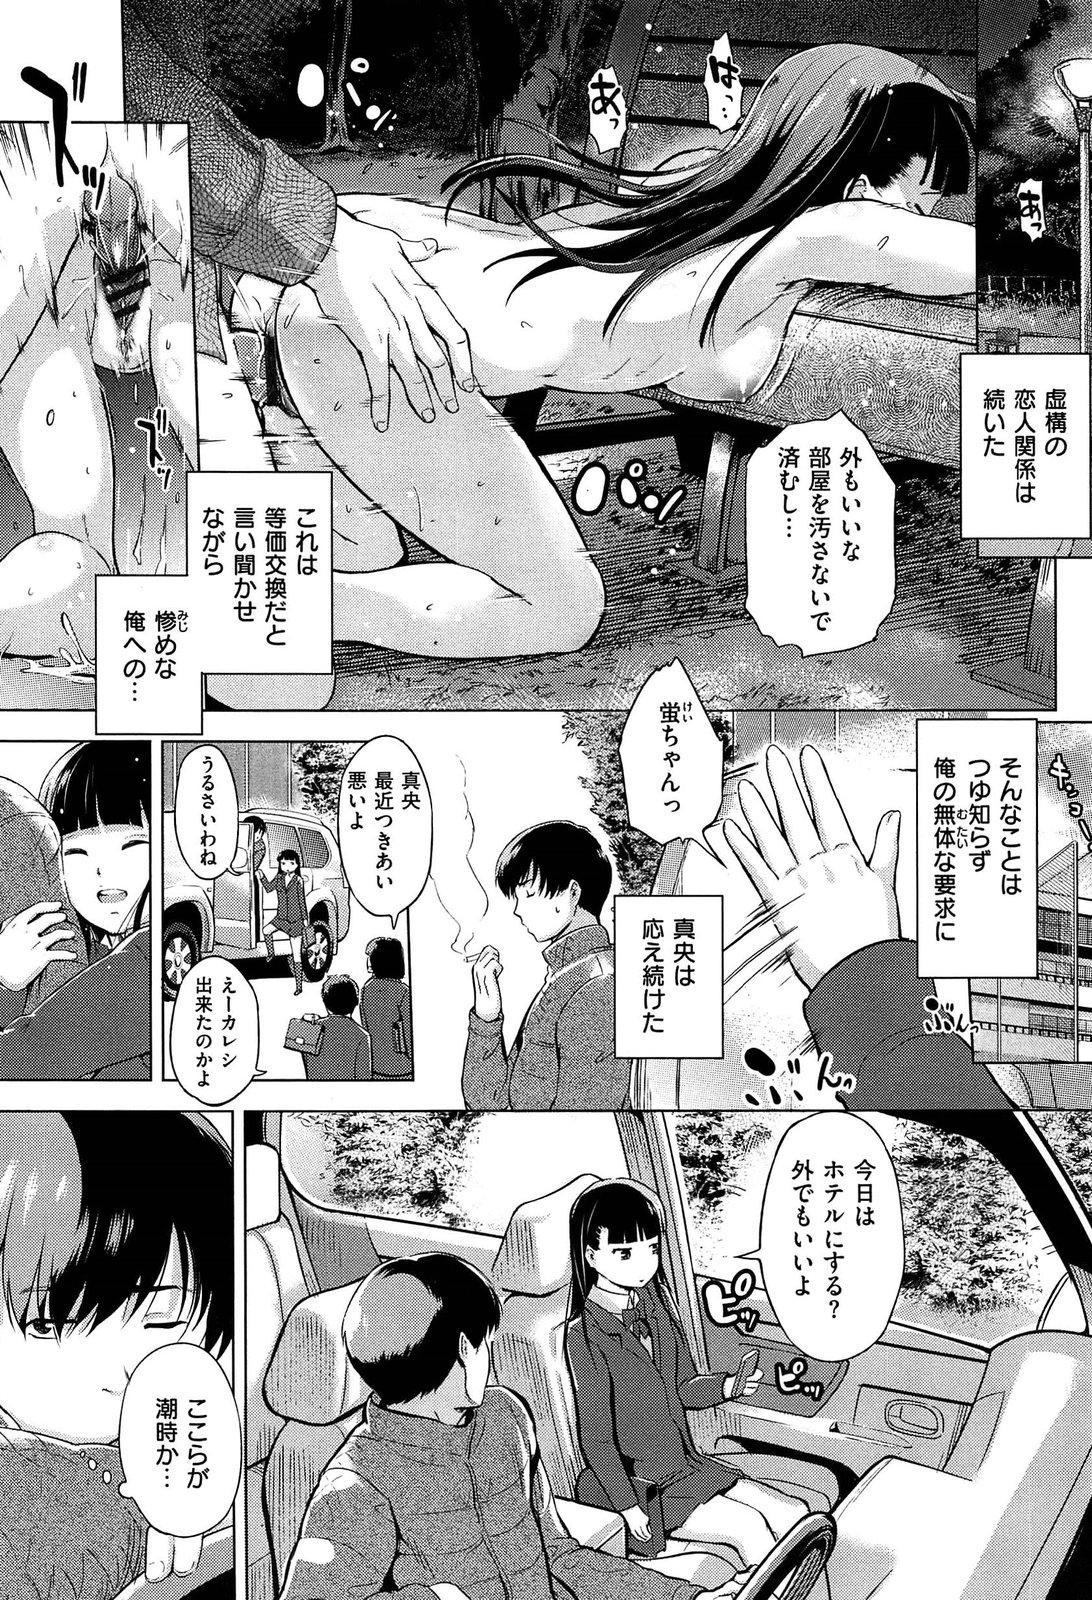 Hatsukoi Swap 169